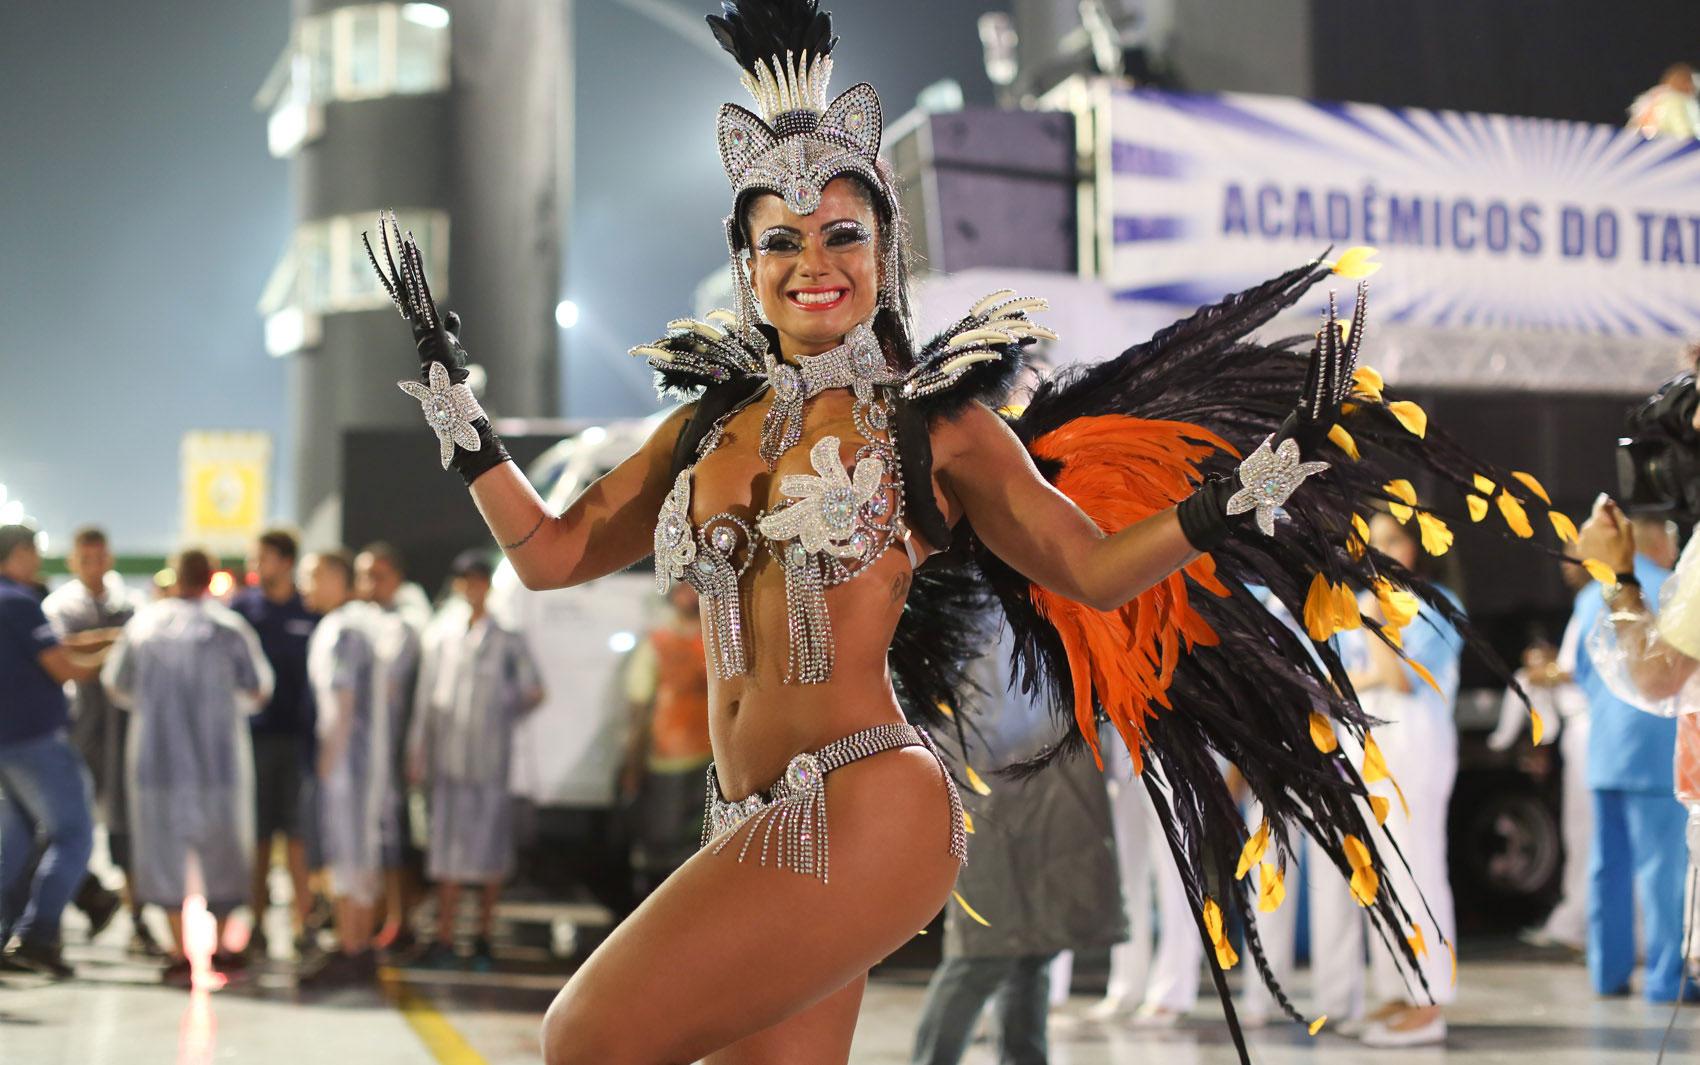 Dani Sperle usa fantasia de R$ 10 mil para desfile da Acadêmicos do Tatuapé, que abre o carnaval de São Paulo